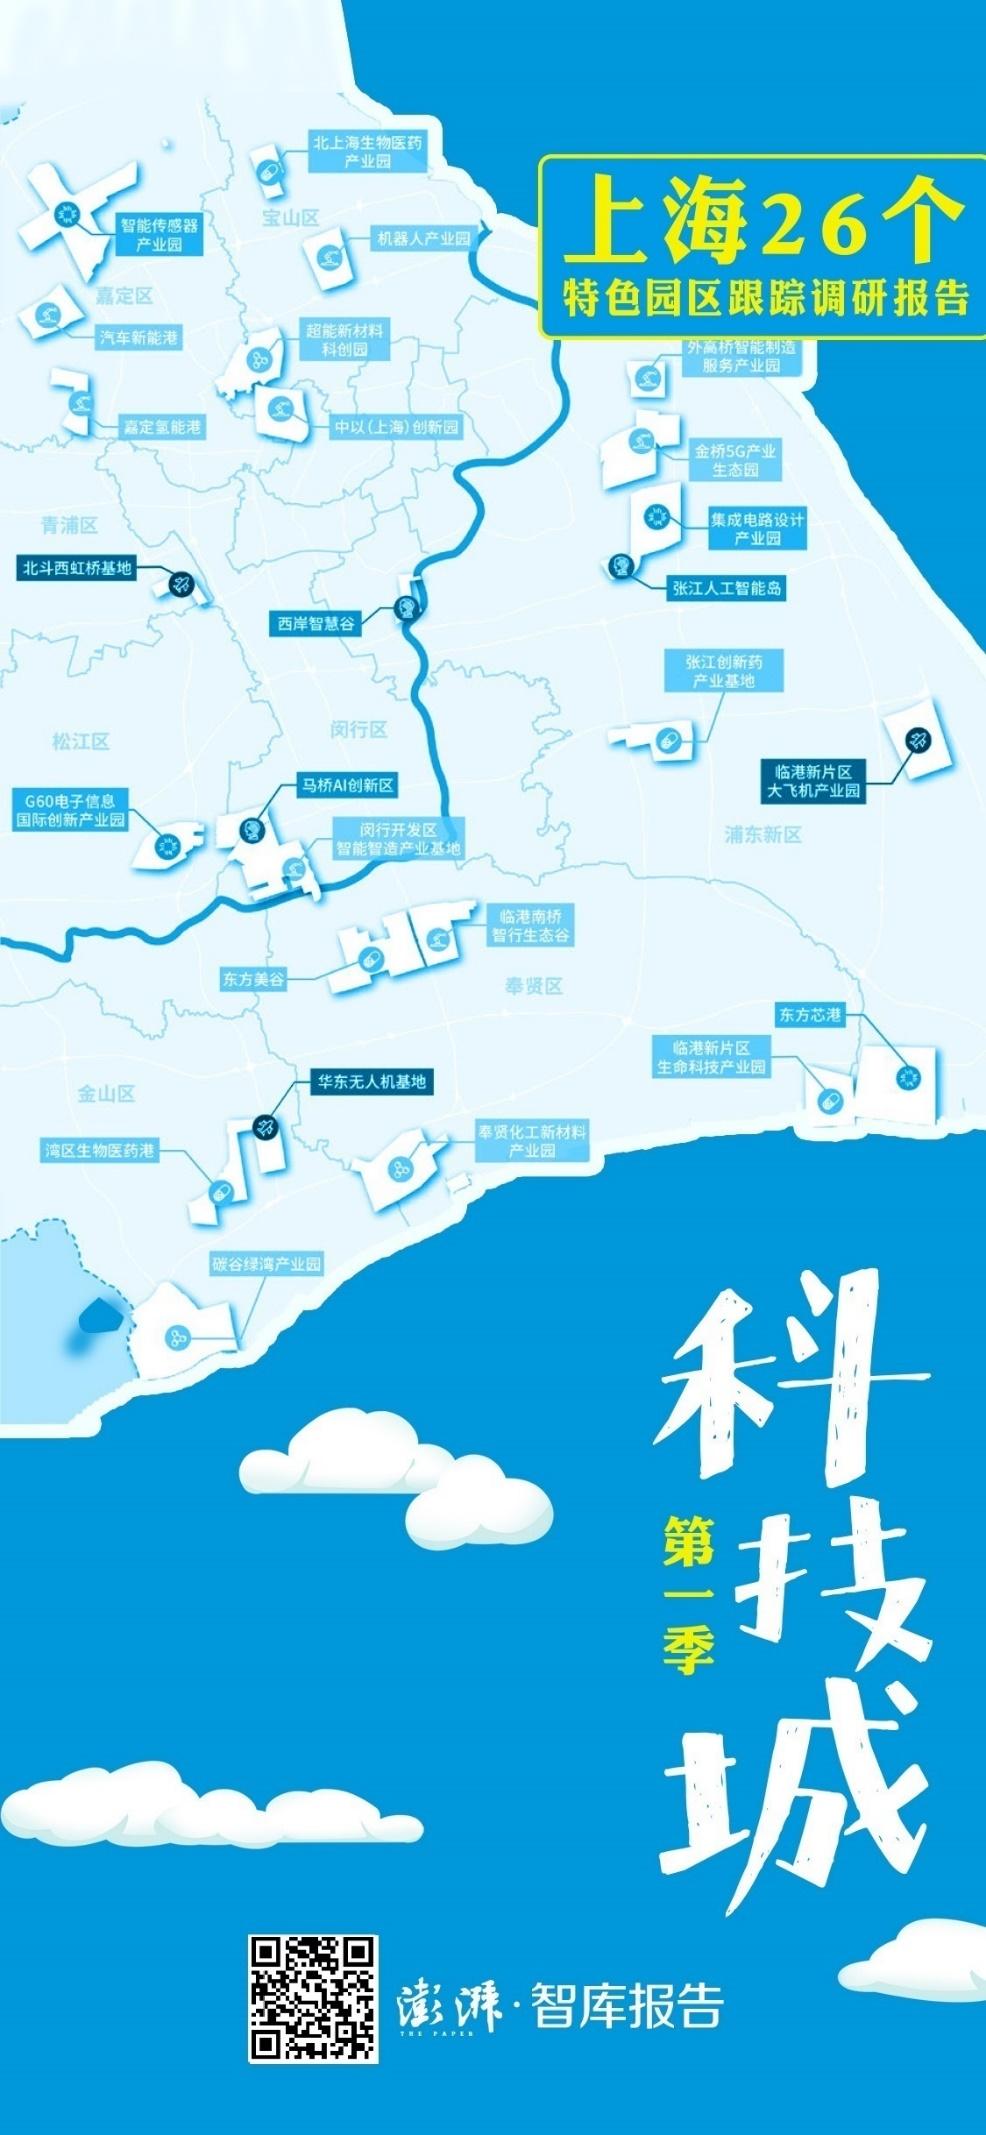 海报设计:尹惠璇